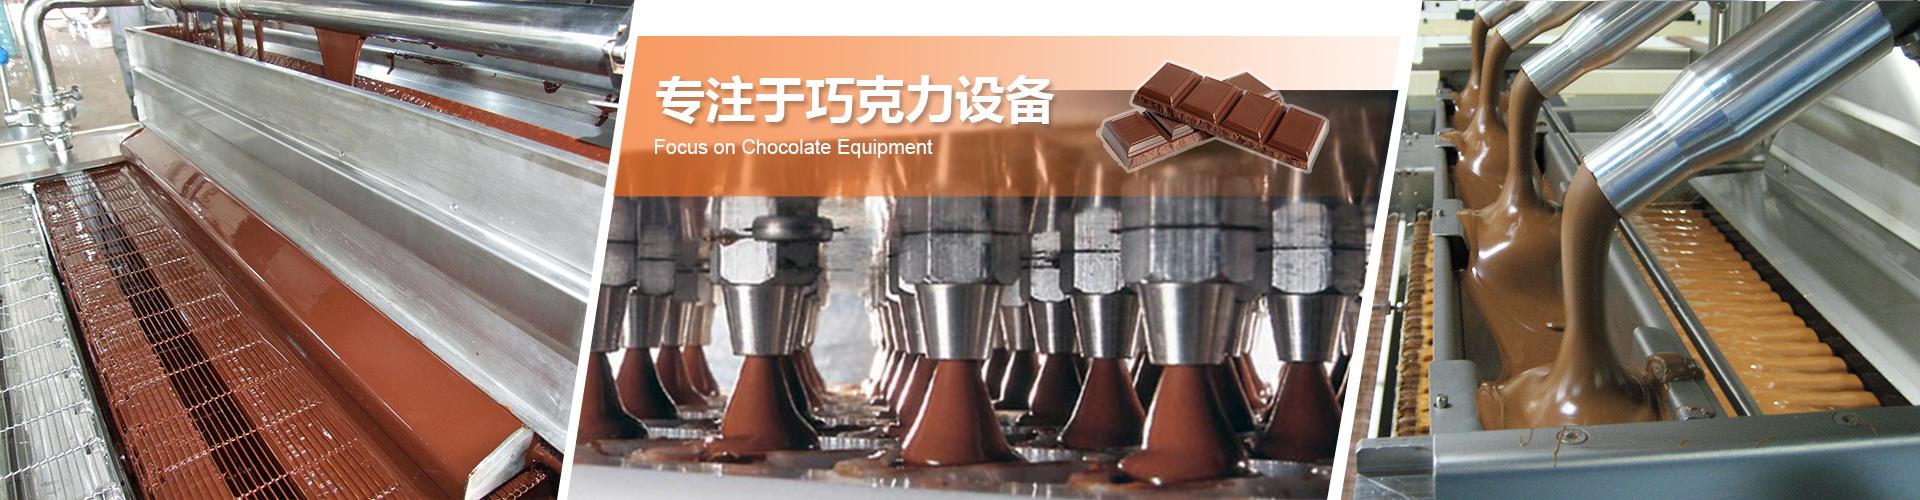 巧克力机械